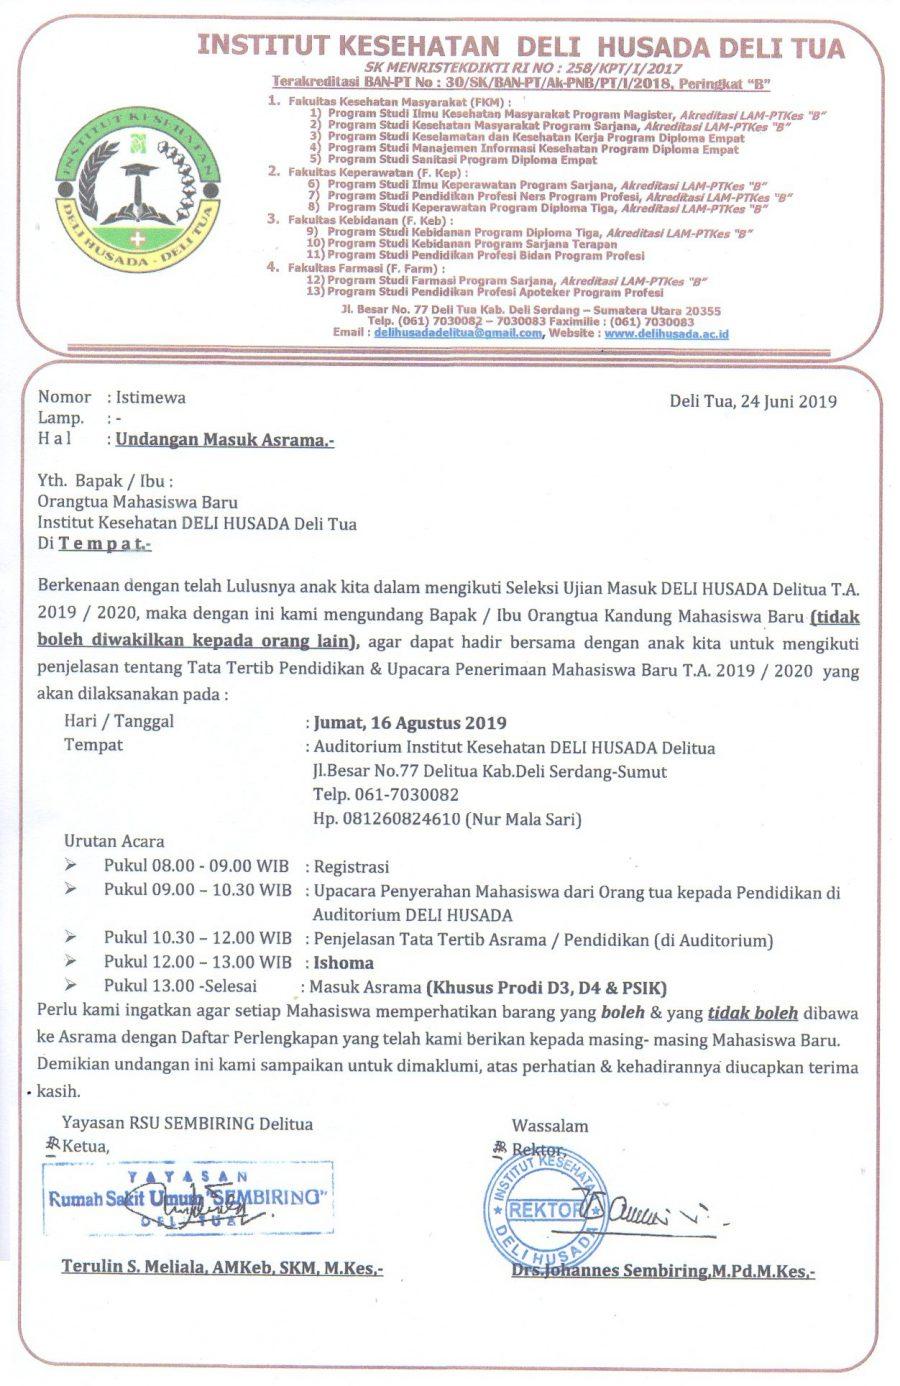 Undangan Masuk Asrama TA 2019/2020